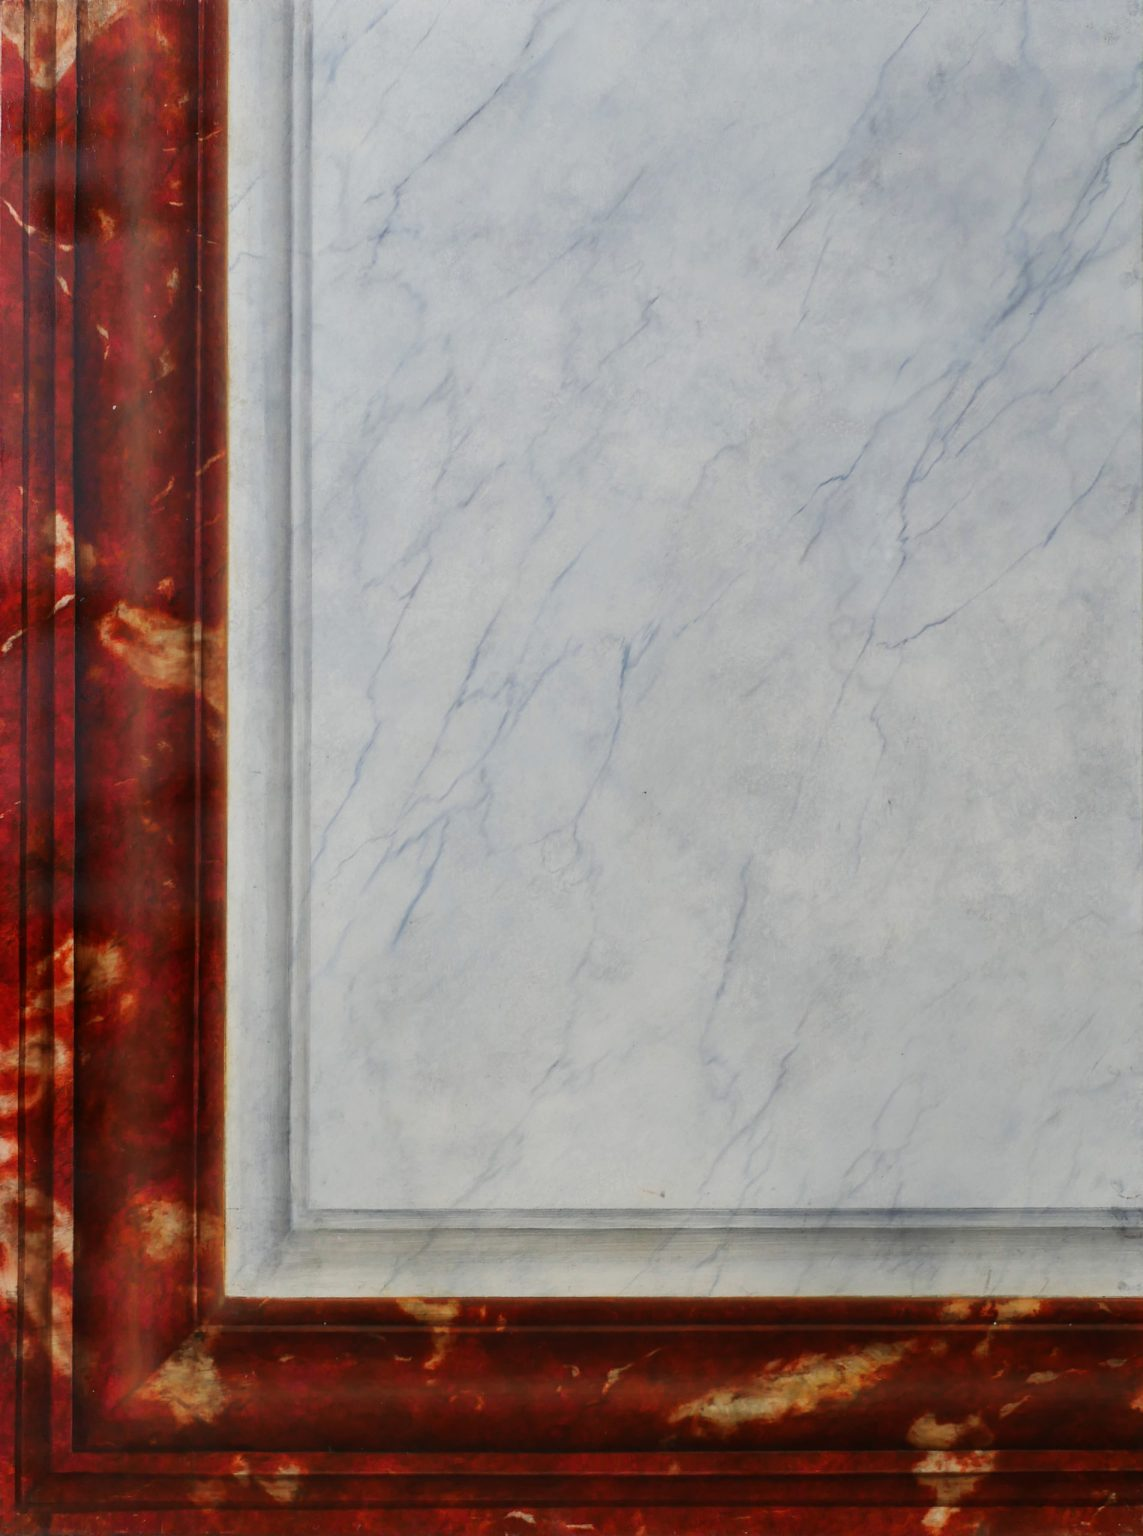 Décor imitation marbre rouge Languedoc et blanc veiné, faux marbre, effet de matière, peintre en décor Bordeaux